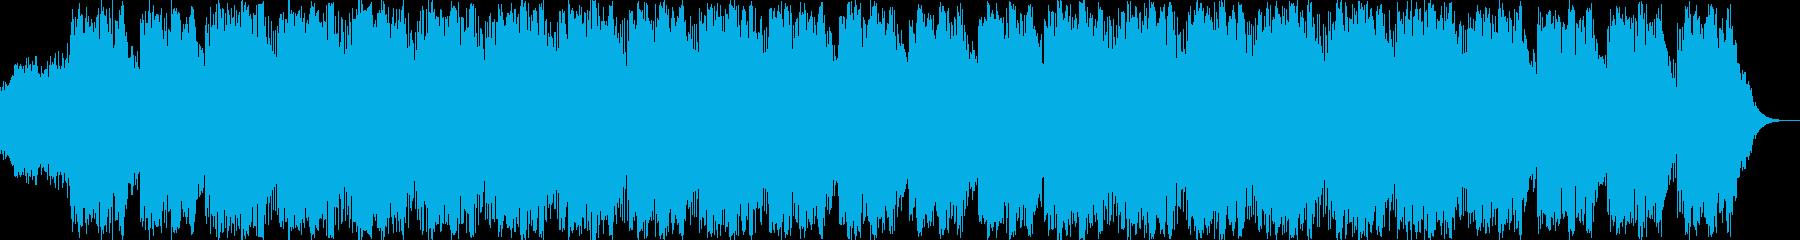 クールな感じのアンビエントの再生済みの波形